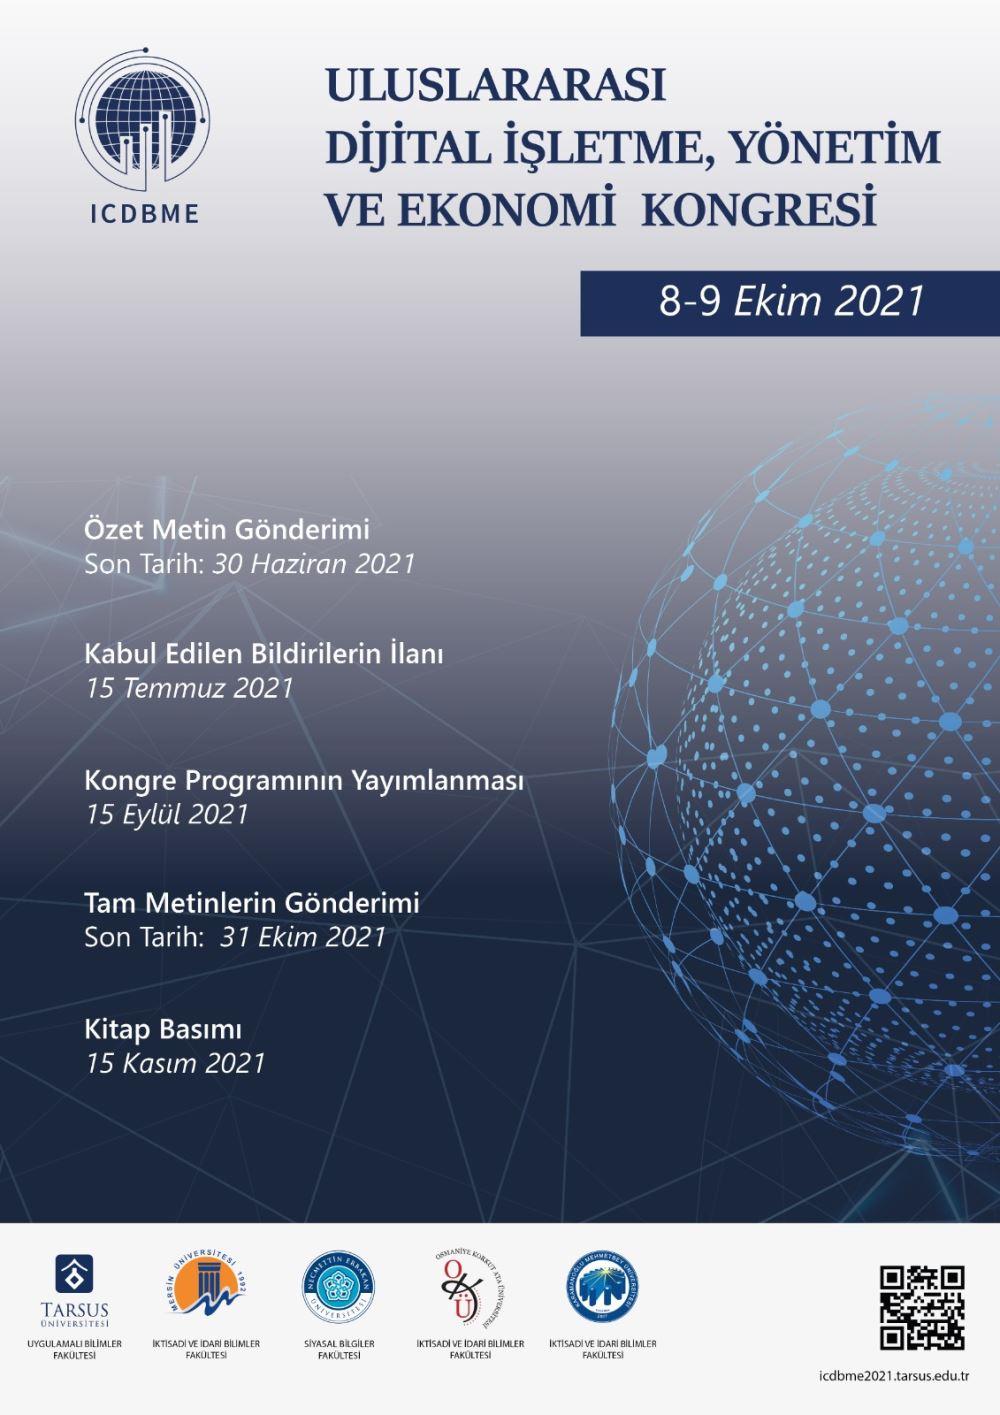 Uluslararası Dijital İşletme, Yönetim ve Ekonomi Kongresi